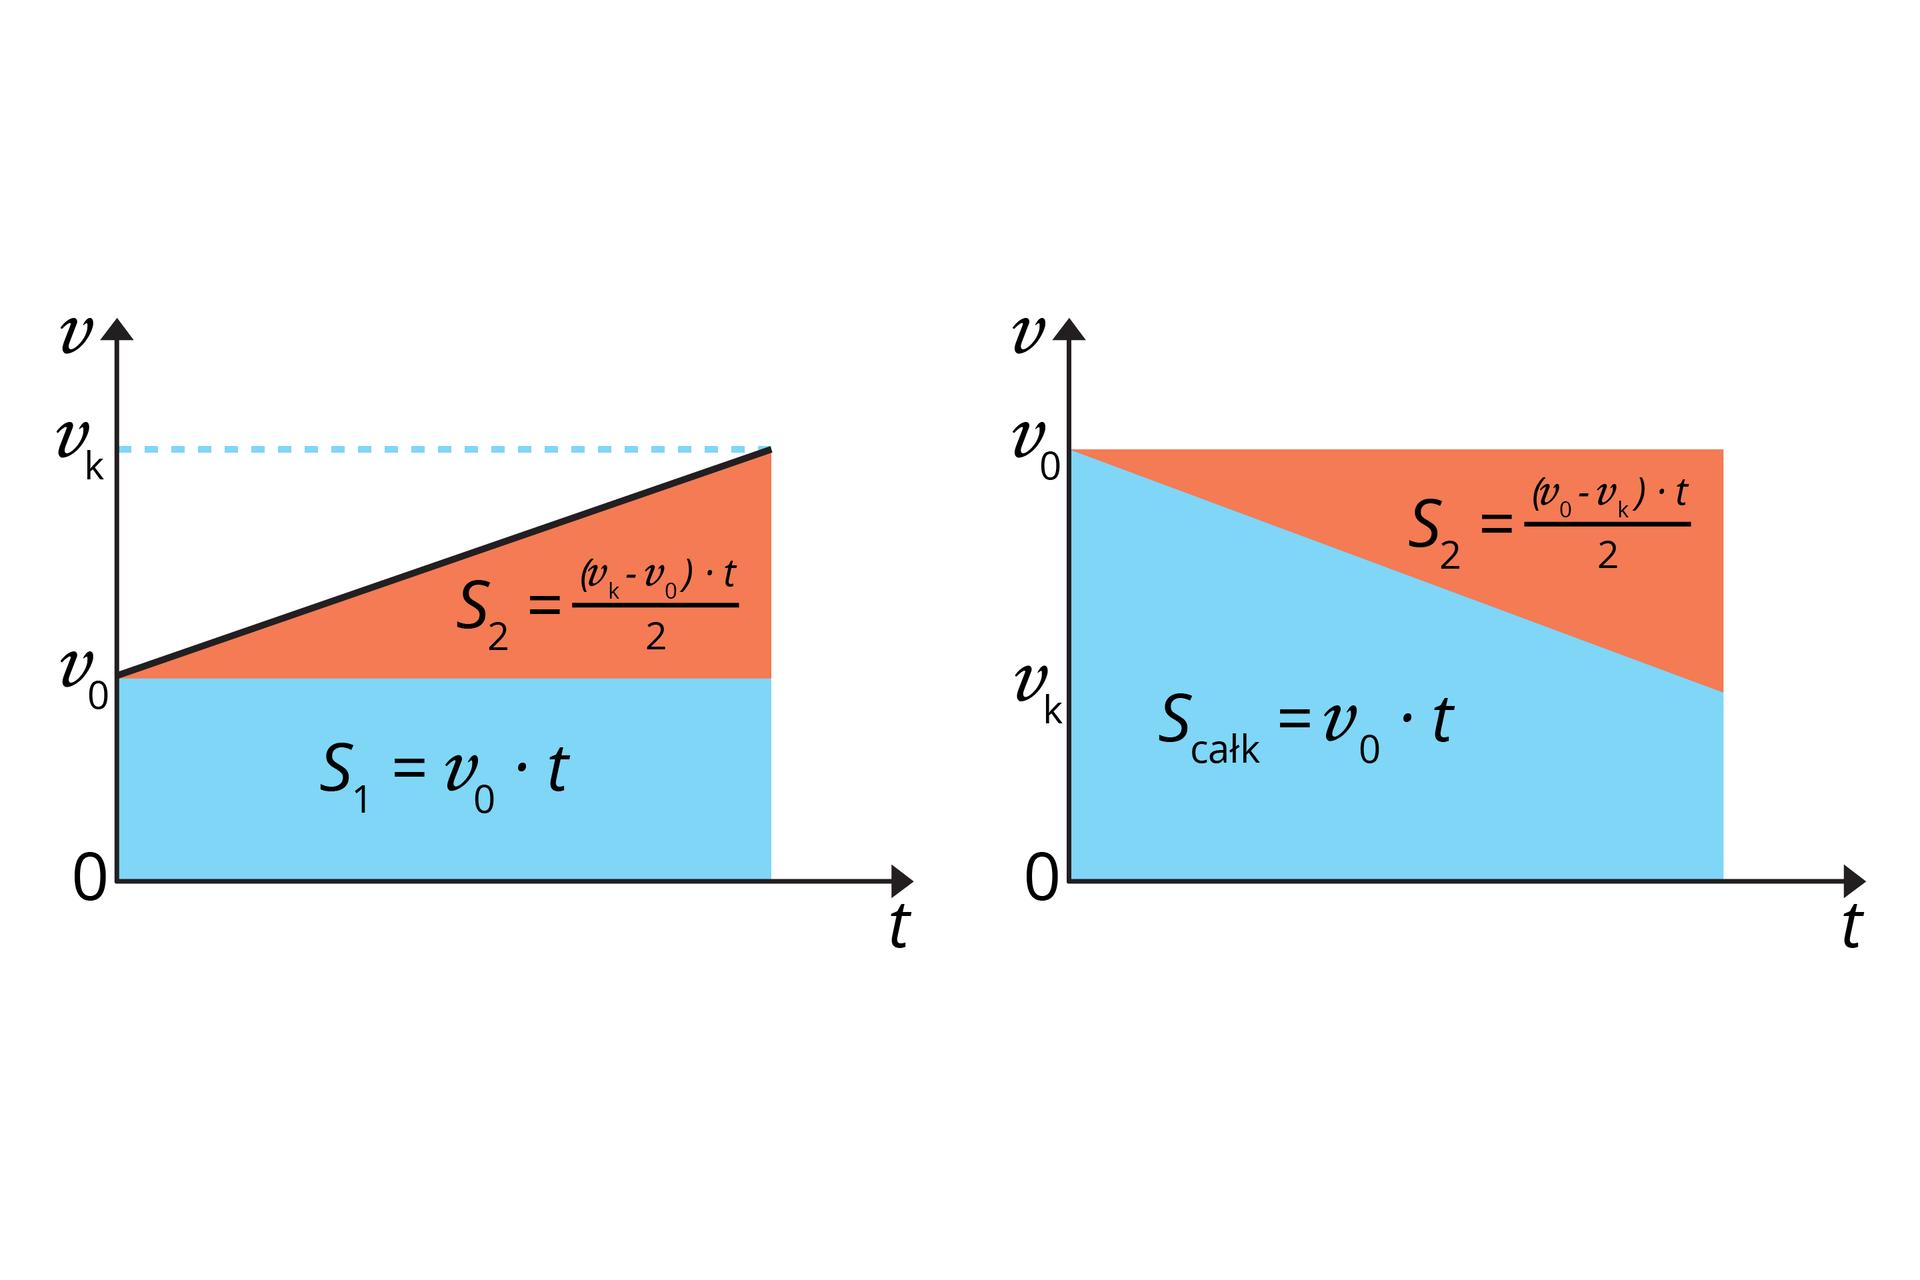 """Schemat przedstawia dwa wykres zależności prędkości od czasu wraz ze wzorami na drogę. Tło białe. Osie odciętych opisane """"t"""". Osie rzędnych opisane """"v"""". Na pierwszym wykresie narysowano niebieski prostokąt iczerwony trójkąt prostokątny. Na osi rzędnych zaznaczono dwie wartości: v₀ ivk (od dołu). Prostokąt lewy dolny róg ma wpoczątku układu współrzędnych. Wysokość od (0, 0) do (0, v₀). Dłuższa przyprostokątna trójkąta pokrywa się zdłuższym, górnym bokiem prostokąta. Punkt v₀ jest wierzchołkiem trójkąta. Druga przyprostokątna ma długość od v₀ do vk. Wewnątrz prostokąta napisano wzór: s₁ = v₀ • t. Wewnątrz trójkąta napisano wzór: S₂ = [(vk - v₀)• t]/2. Na drugim wykresie narysowano niebieski trapez prostokątny iczerwony trójkąt prostokątny. Na osi rzędnych zaznaczono dwie wartości: vk iv₀ (od dołu). Dłuższa podstawa trapezu ibok, zktórym tworzy kąt prosty, leżą na osiach układu (podstawa na osi rzędnych). Podstawa ma długość v₀. Krótsza podstawa trapezu ma długość od 0 do vk. Drugi bok trapezu pokrywa się zprzeciwprostokątną trójkąta. Krótsza przyprostokątna ma długość od vk do v₀. Leży na tej samej prostej, co krótsza podstawa trapezu. Trójkąt itrapez są ułożone tak, że wspólnie tworzą prostokąt. Wewnątrz trapezu napisano wzór: Scałk = v₀ • t. Wewnątrz trójkąta napisano wzór: S₂= [(v₀ - vk)• t]/2."""